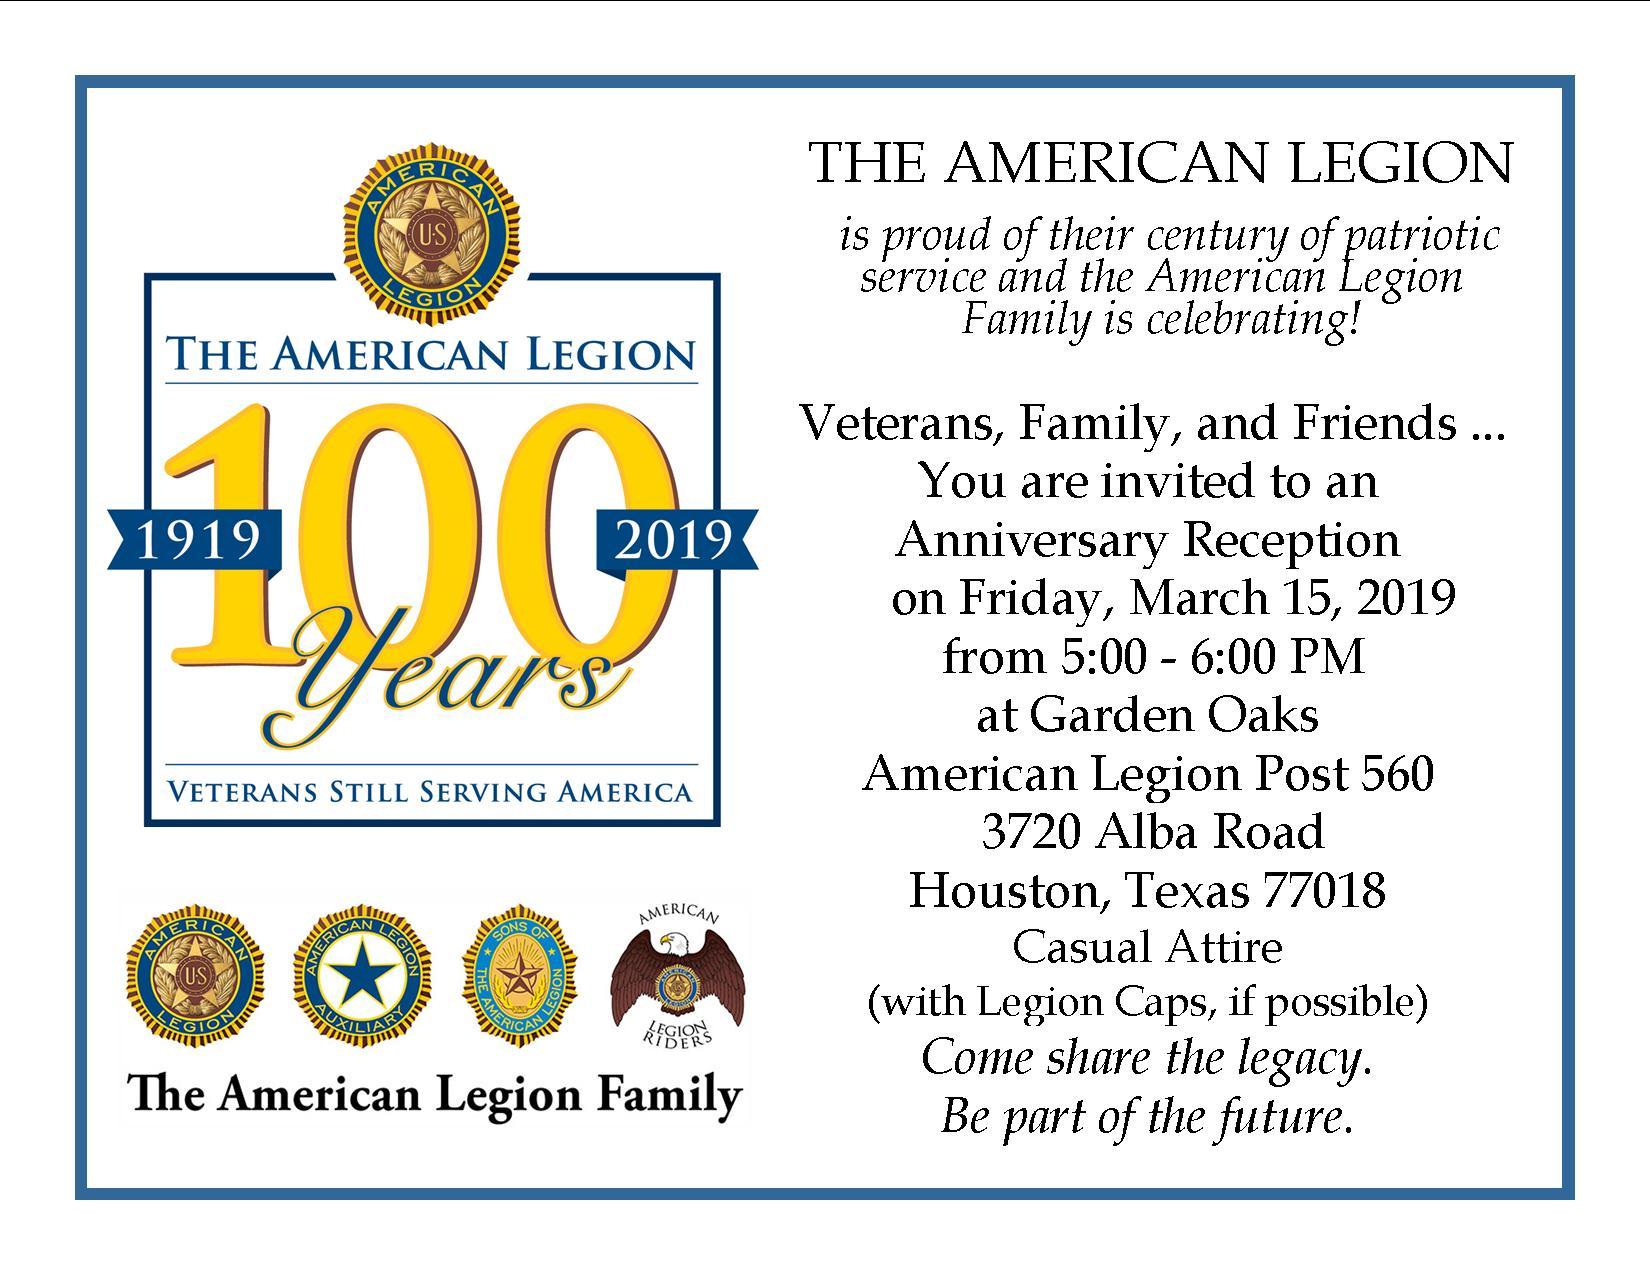 100 Years @ Garden Oaks American Legion Post 560